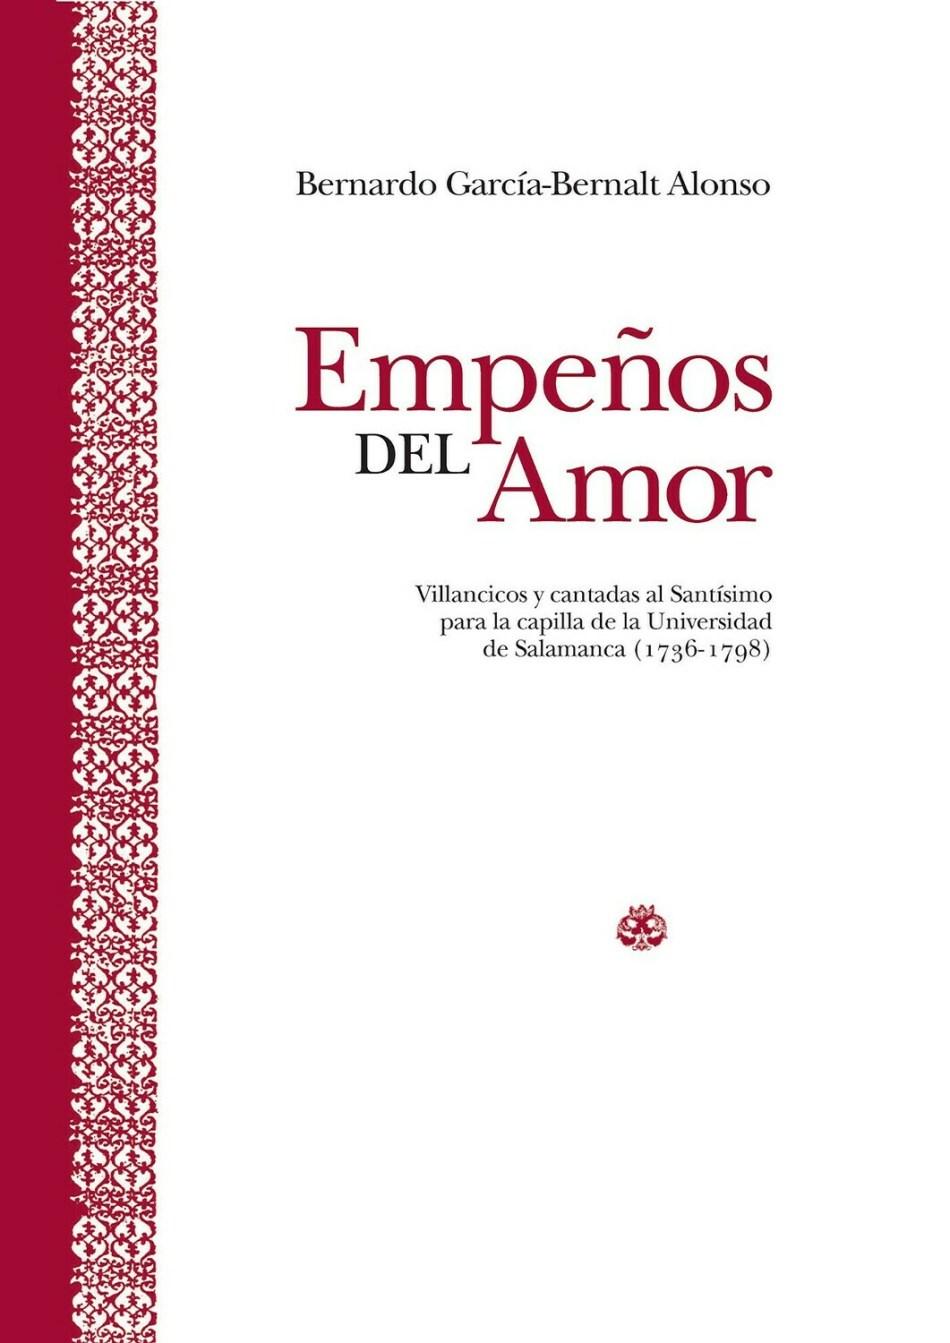 Empeños del amor: villancicos y cantadas al Santísimo para la capilla de la Universidad de Salamanca (1736-1798)